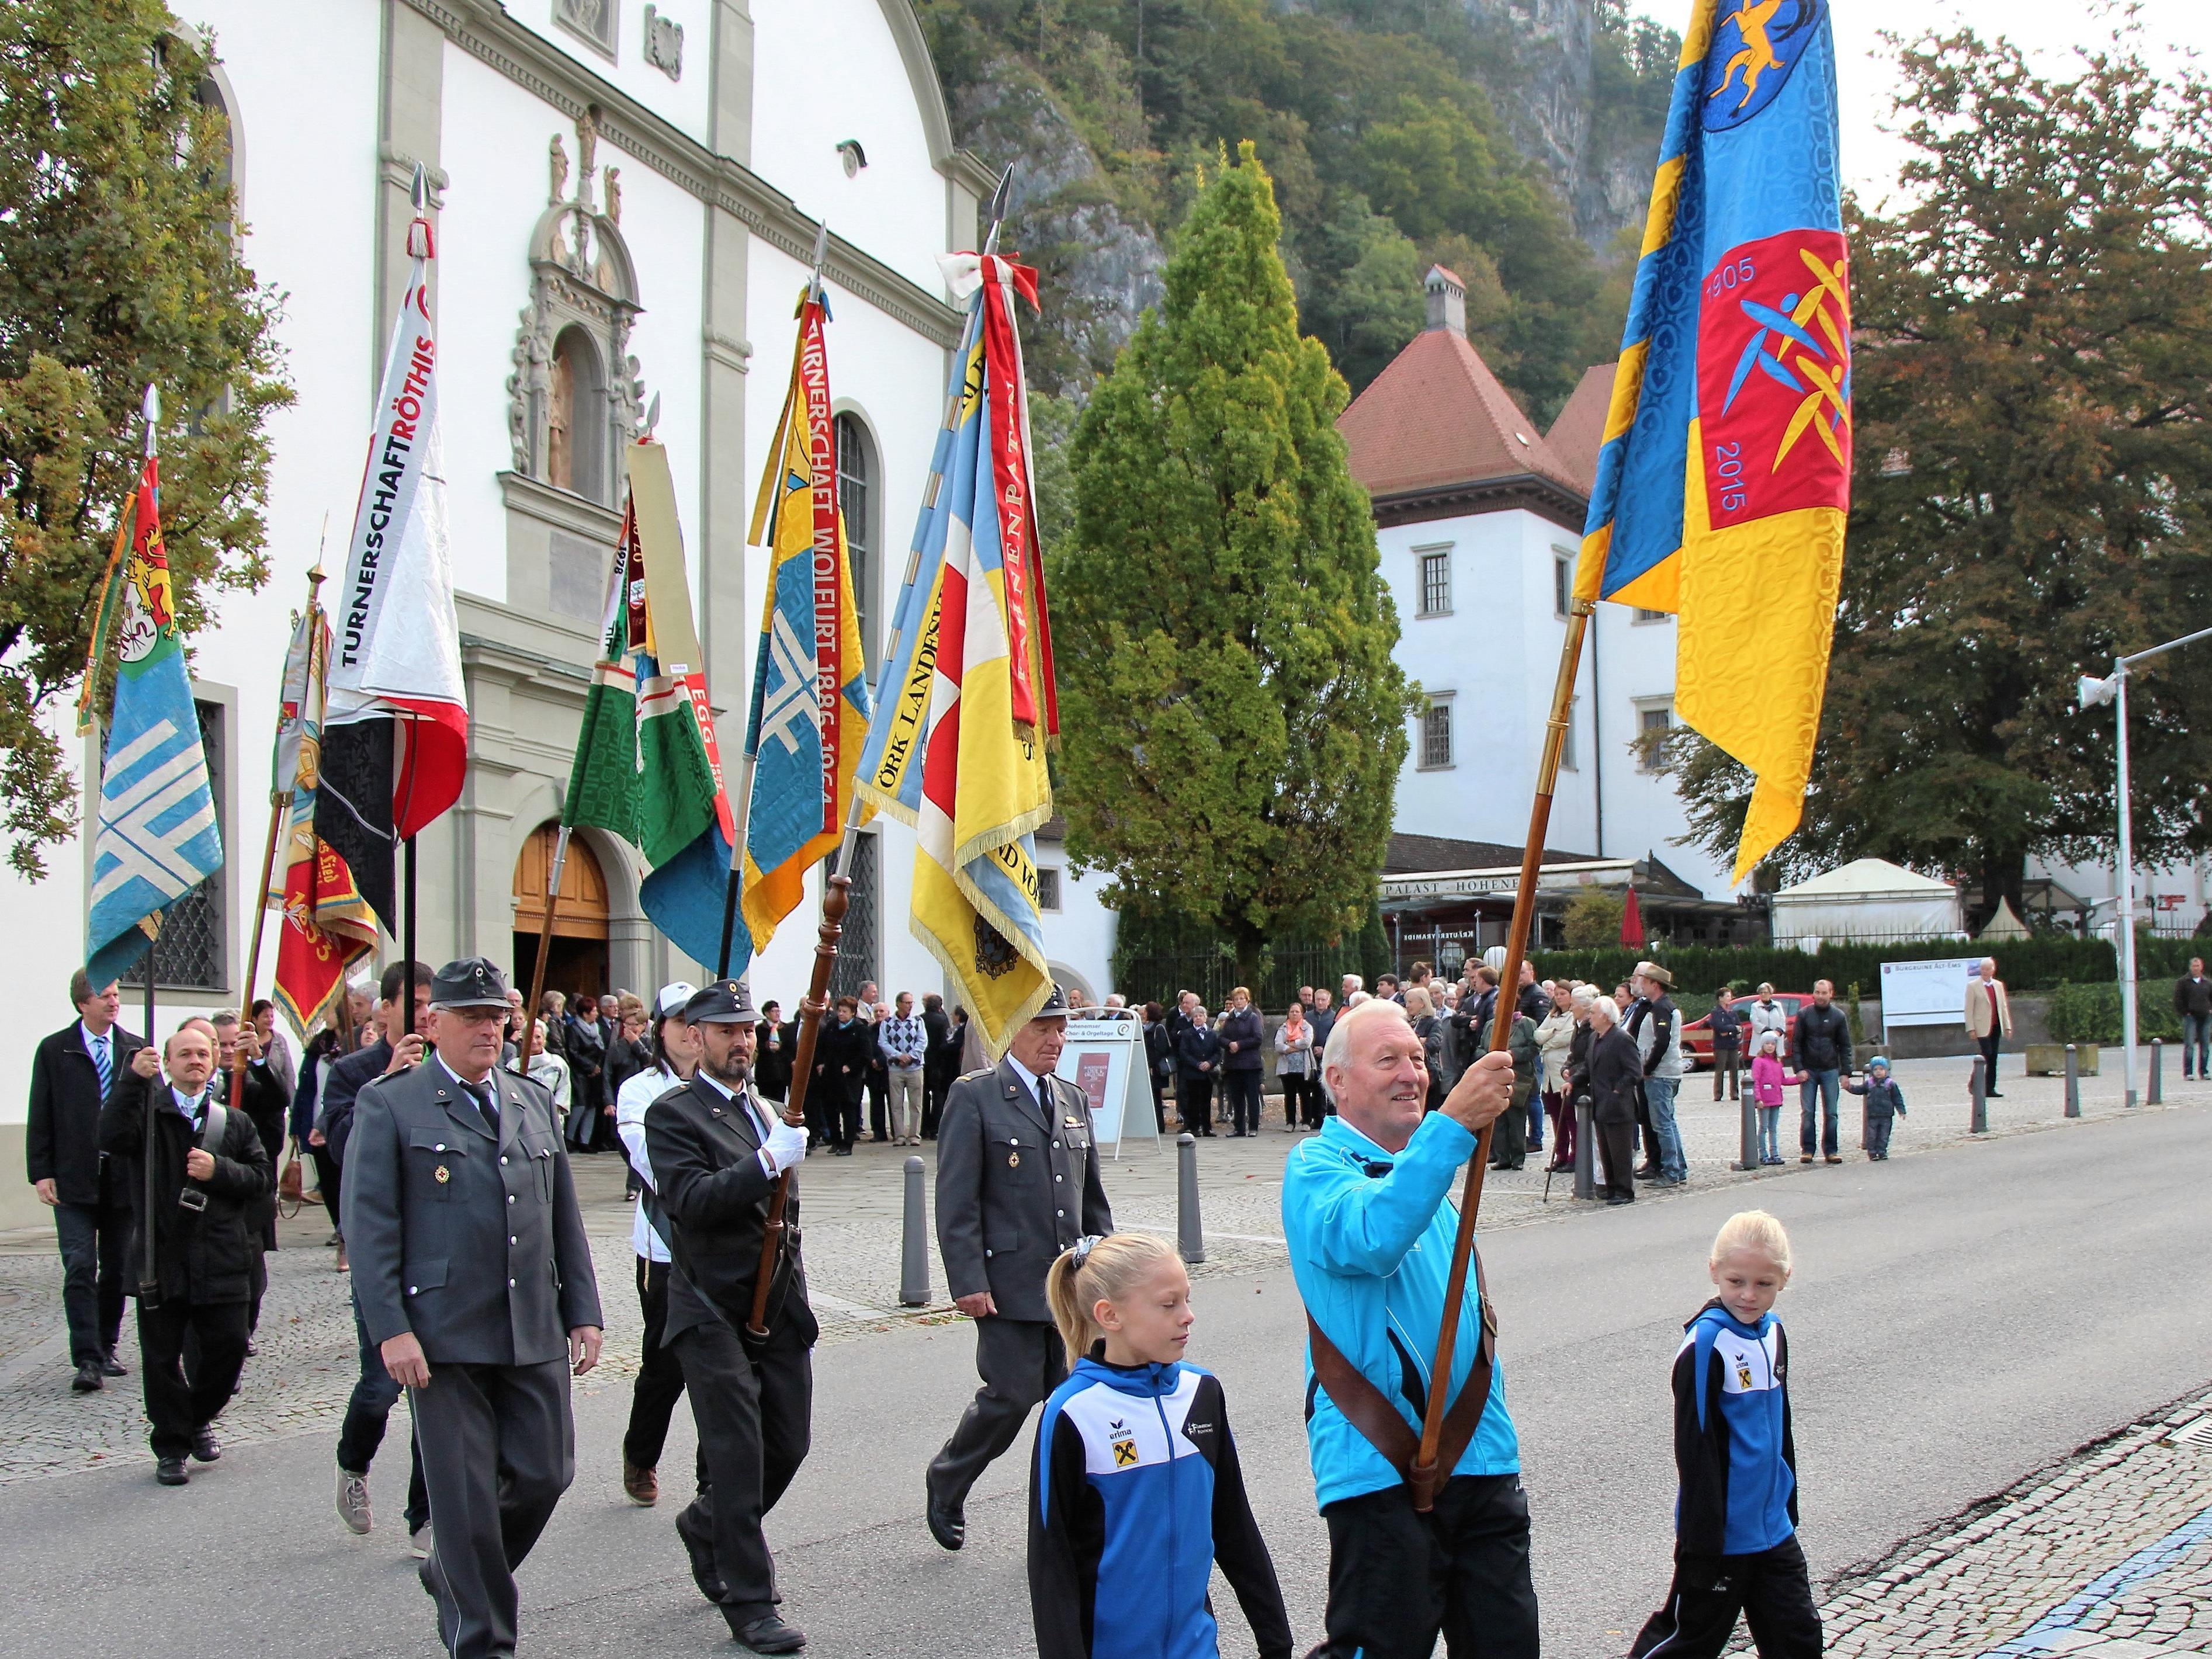 Buntes Farbenspiel auf dem Weg von der Pfarrkirche St. Karl zum Pfarrsaal